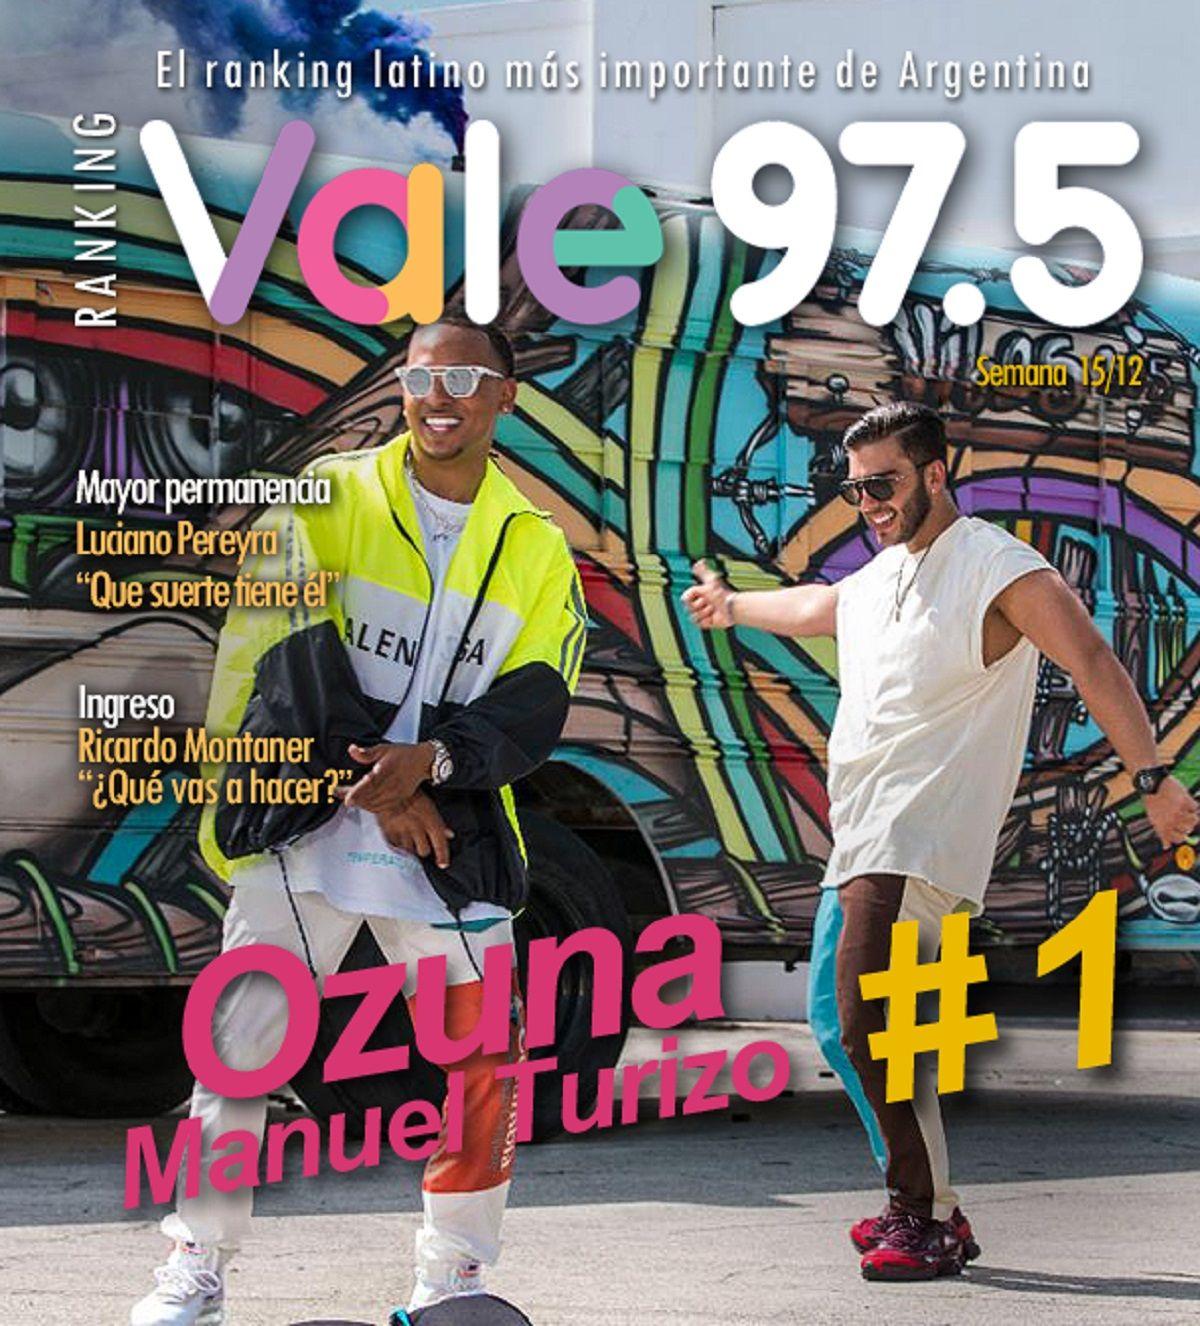 Ozuna y Manuel Turizo llegaron a lo más alto del Ranking Vale